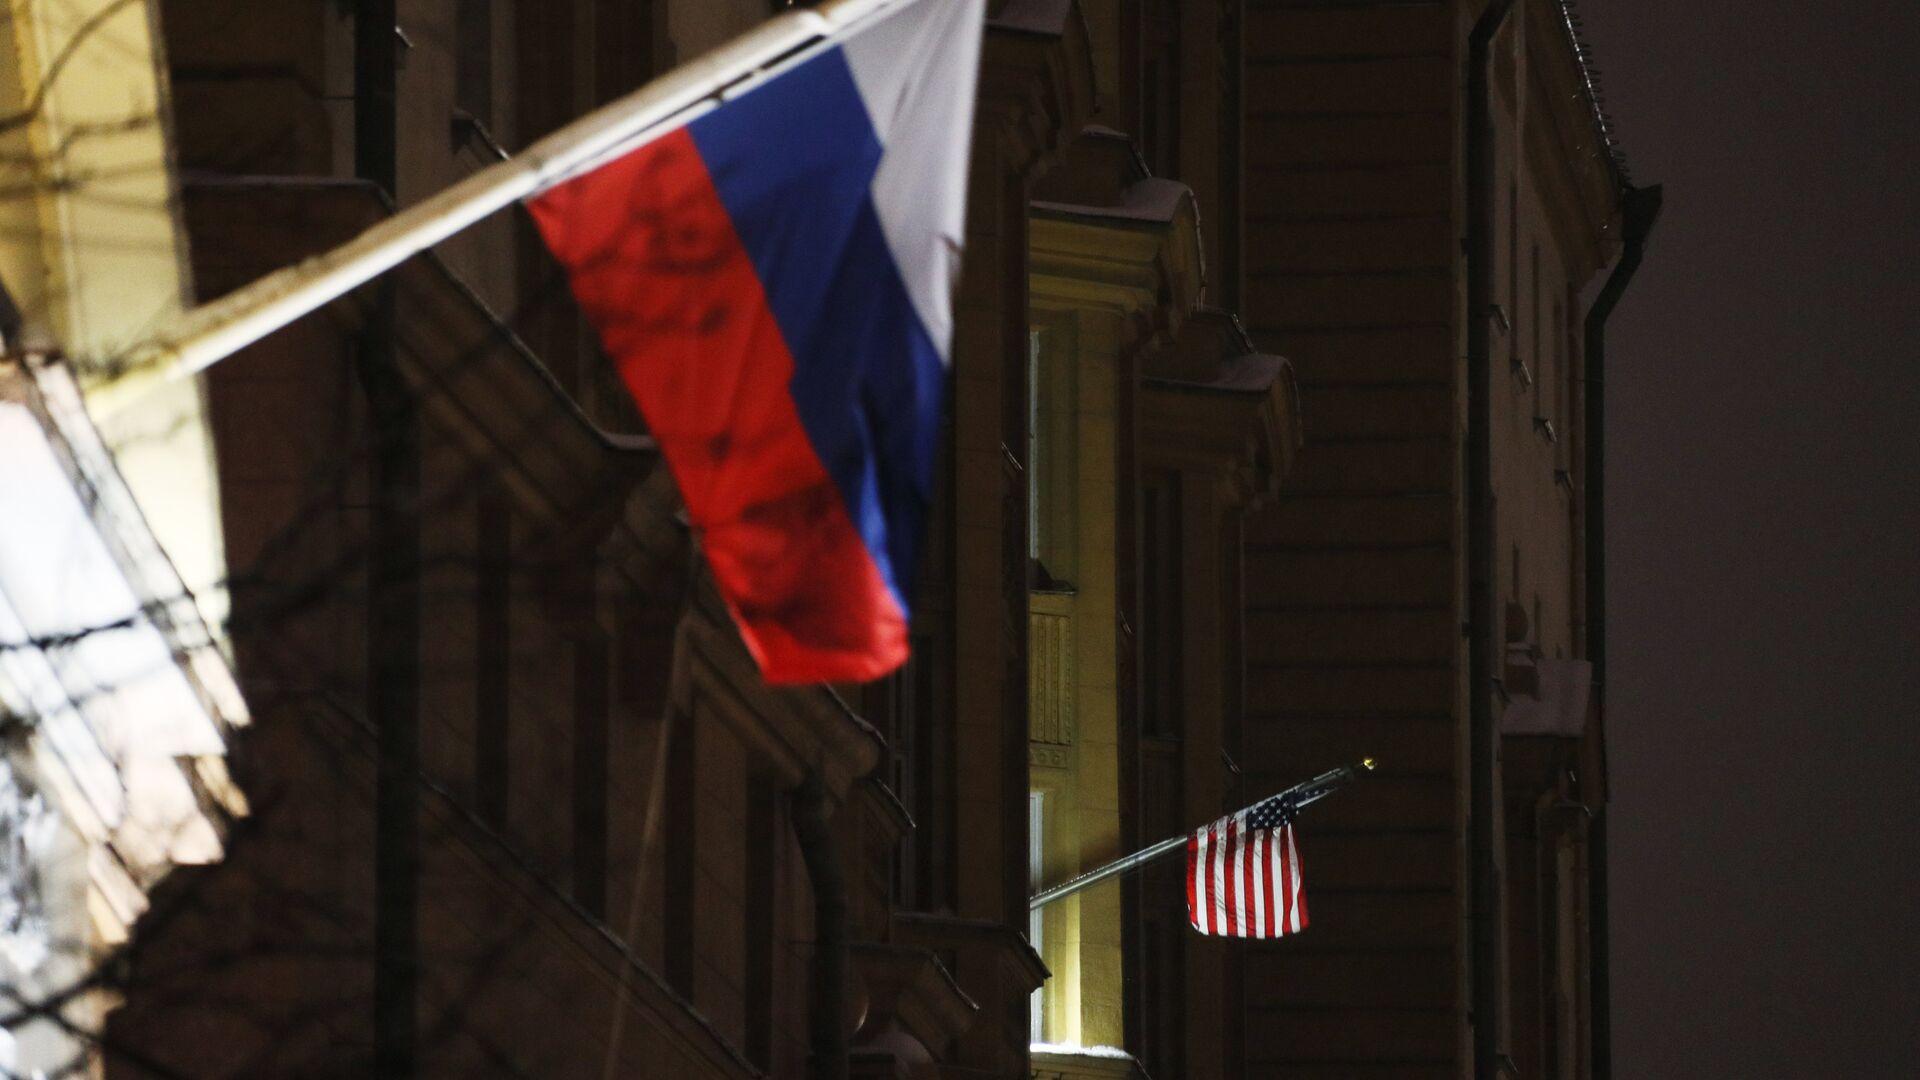 Banderas de Rusia y EEUU - Sputnik Mundo, 1920, 29.09.2021